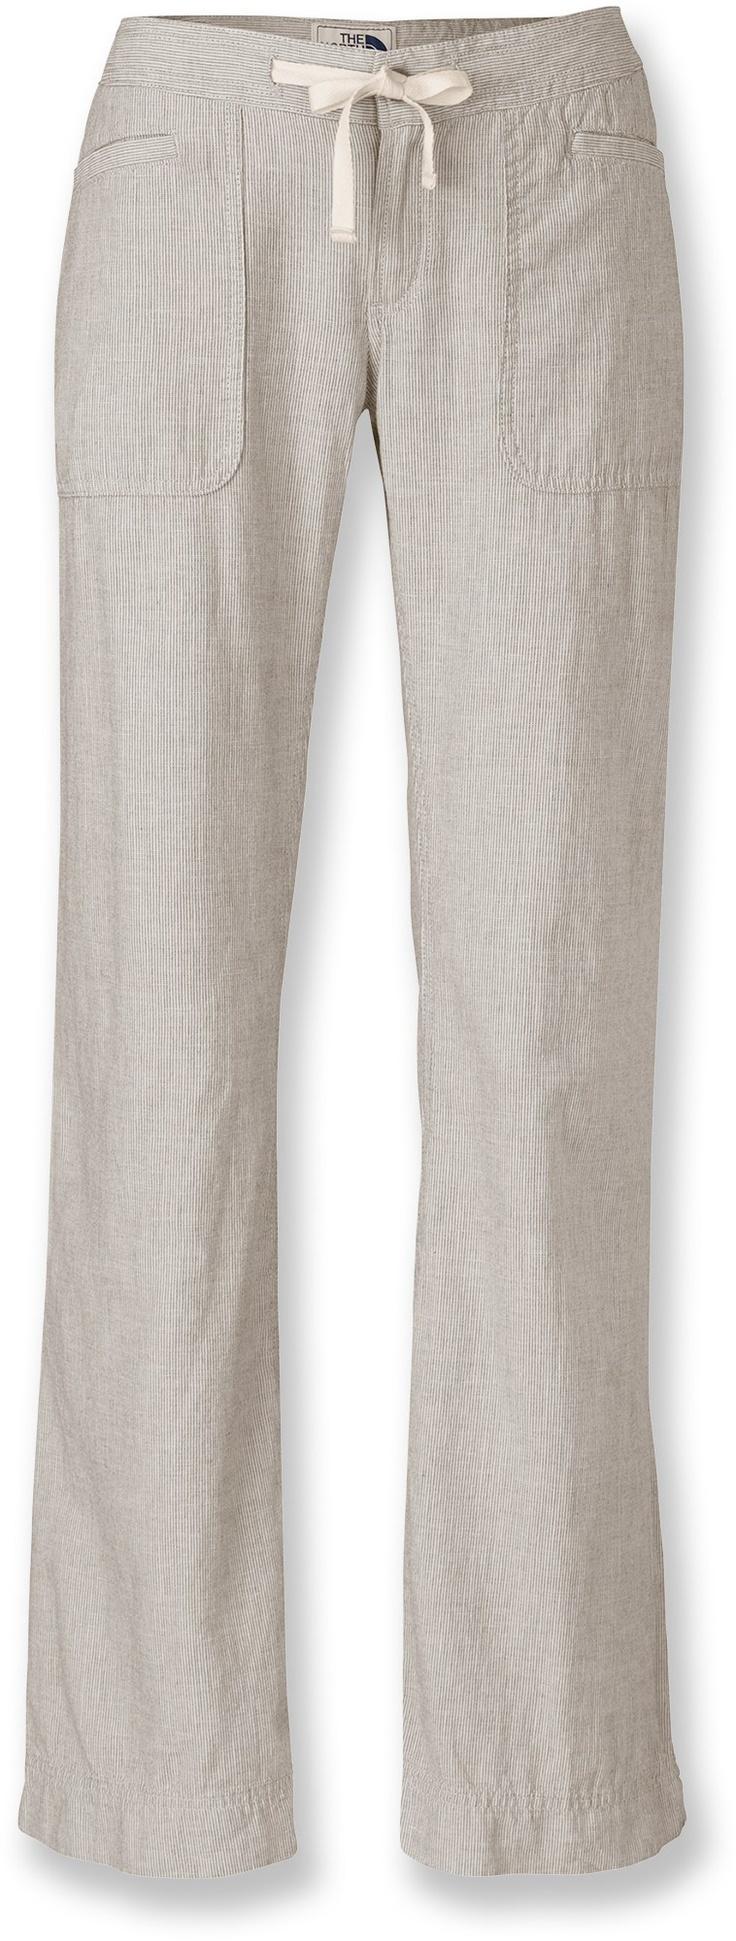 Best 25 Linen Cabinet In Bathroom Ideas On Pinterest: Best 25+ Linen Pants Women Ideas On Pinterest